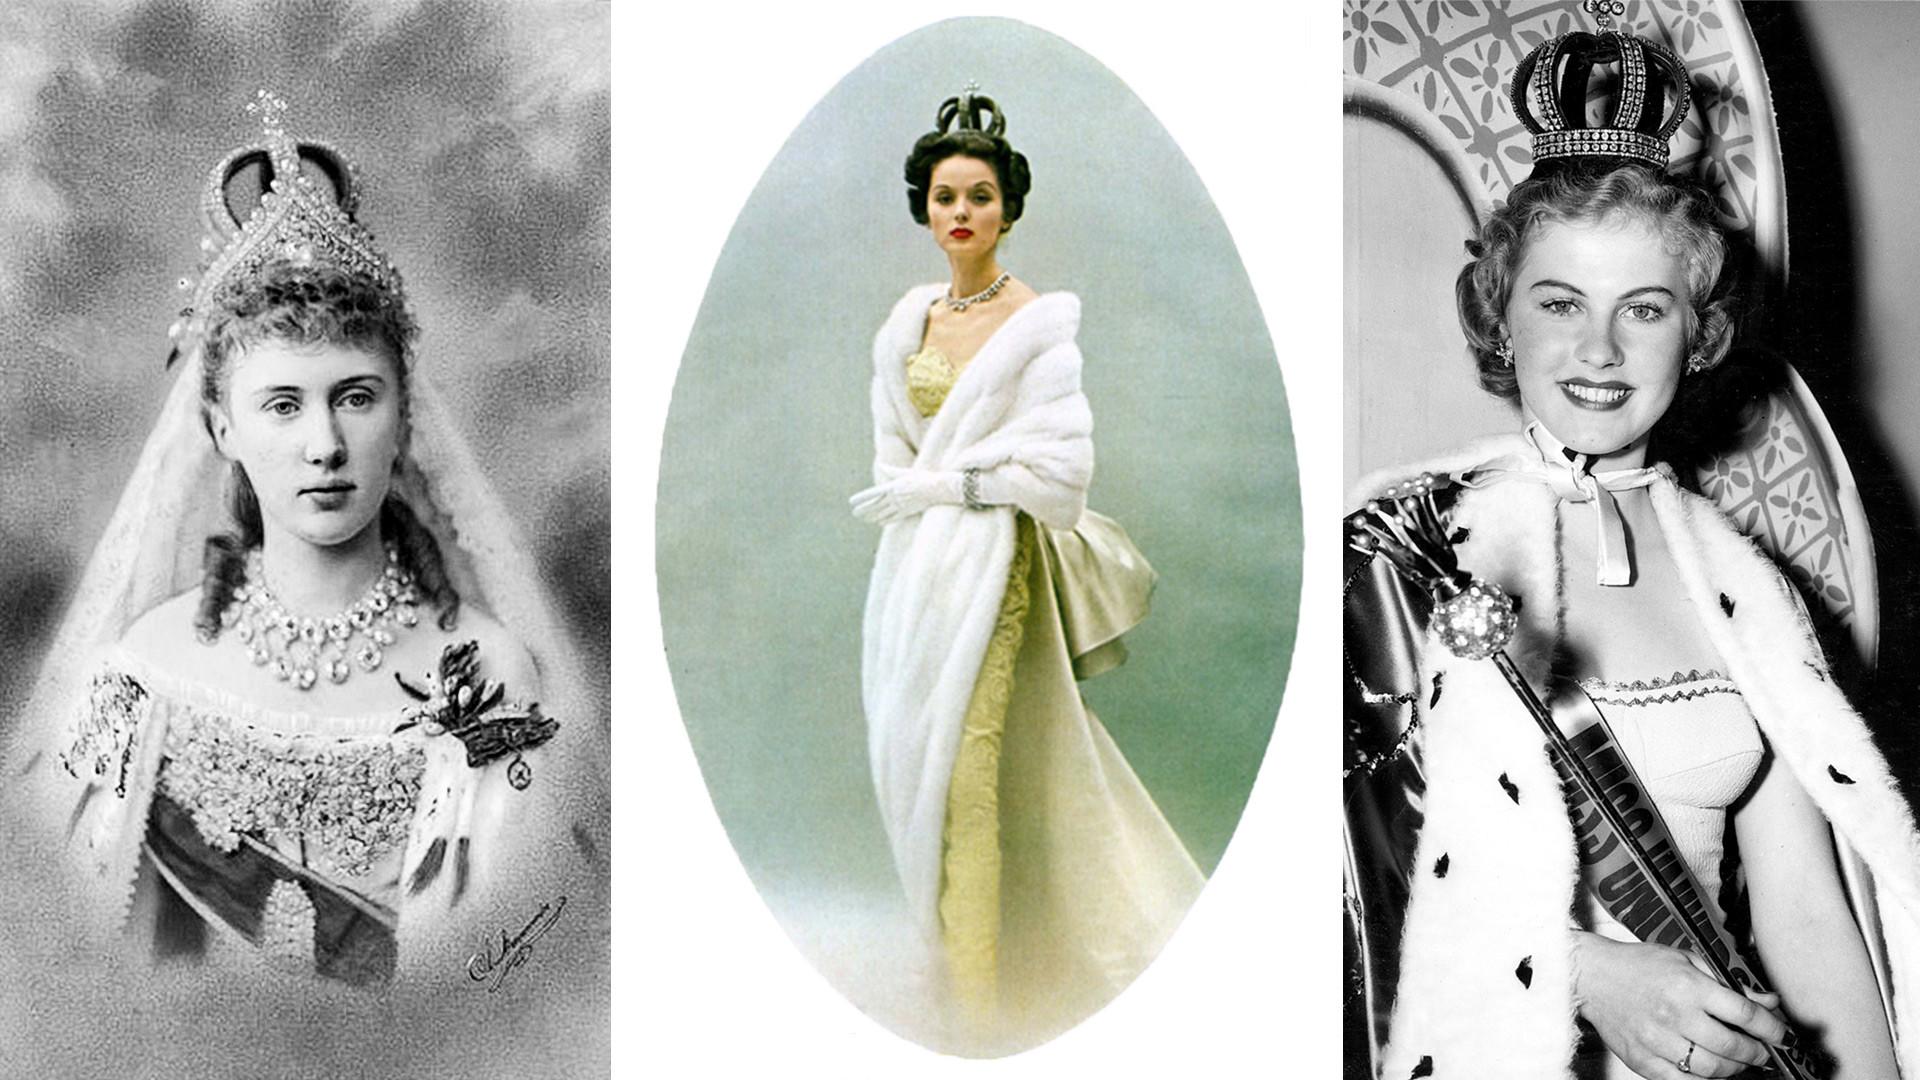 Mahkota pernikahan dinasti Romanov, dari tahun 1884 hingga 1953. Sekarang menjadi artefak museum.